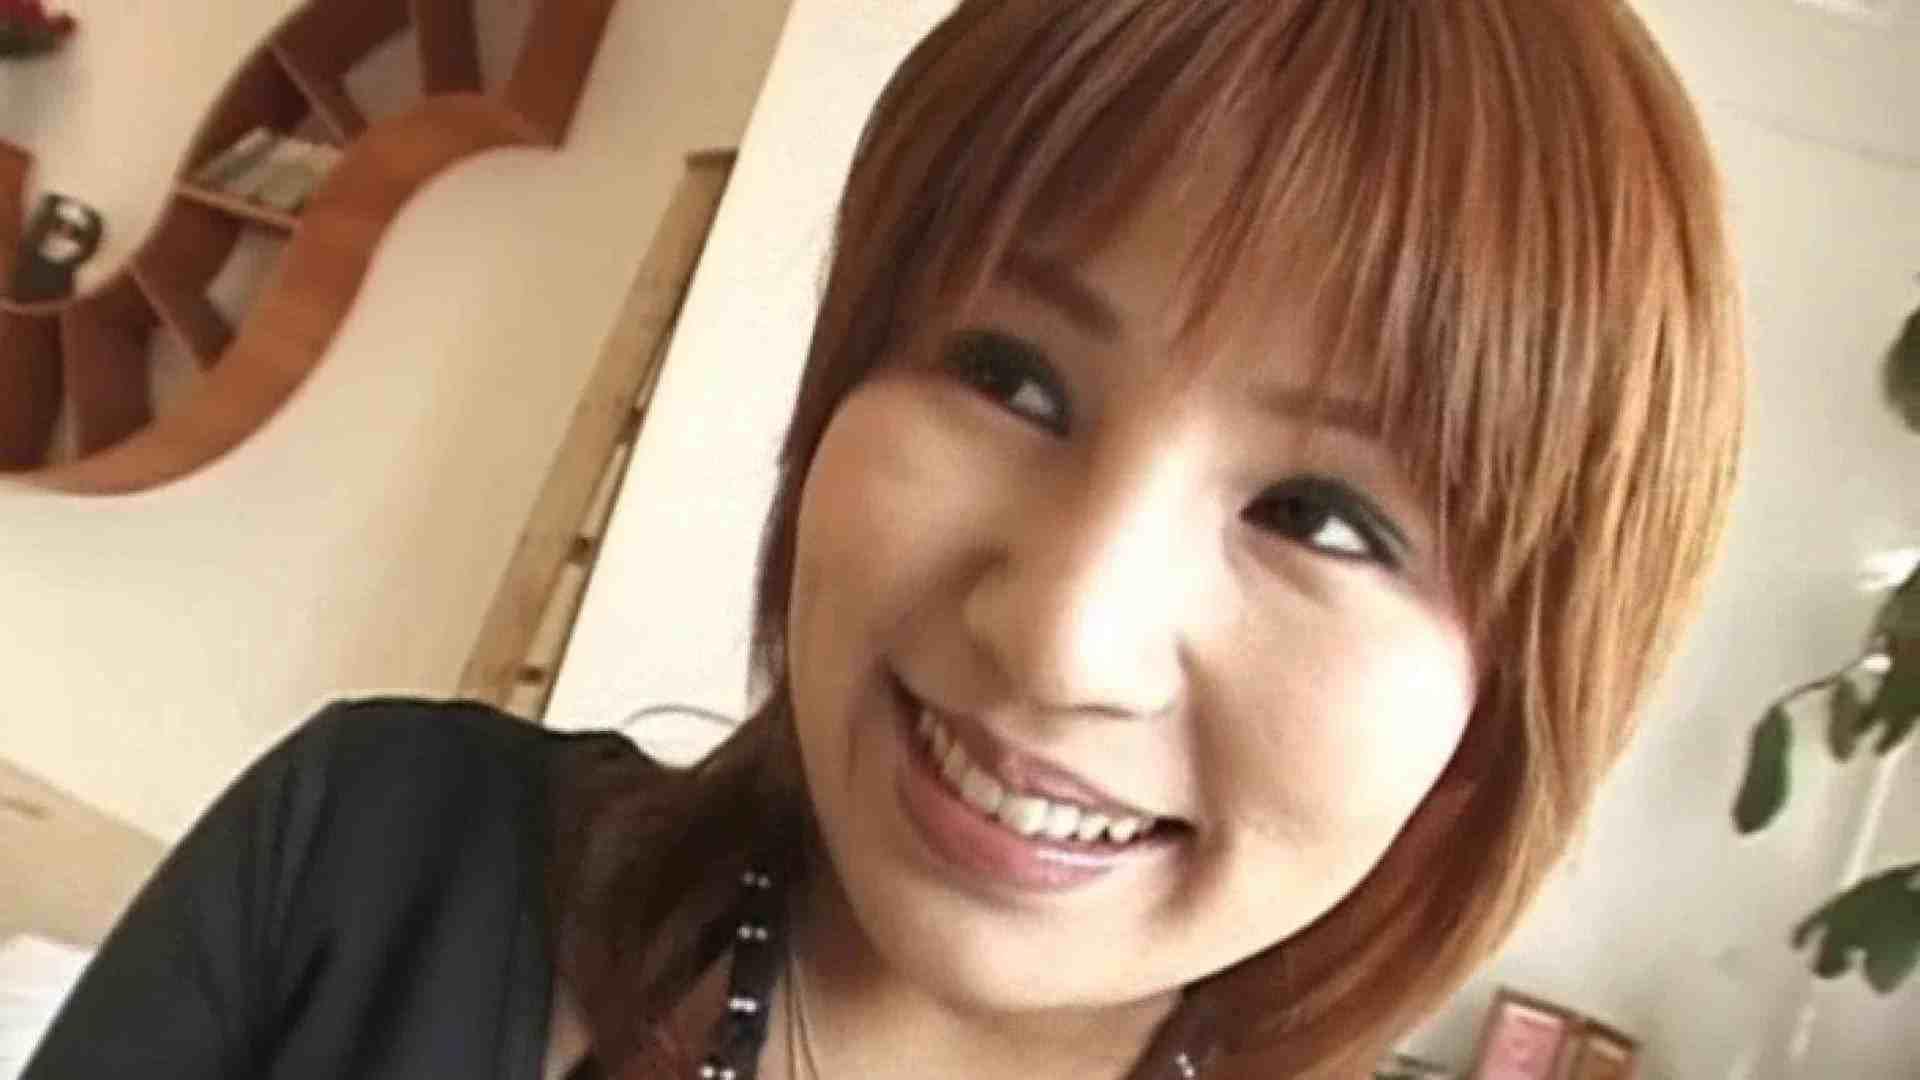 素人S級美女特選!小悪魔ギャル噂のビッチガールVol.16 素人流出 ワレメ無修正動画無料 70PIX 3